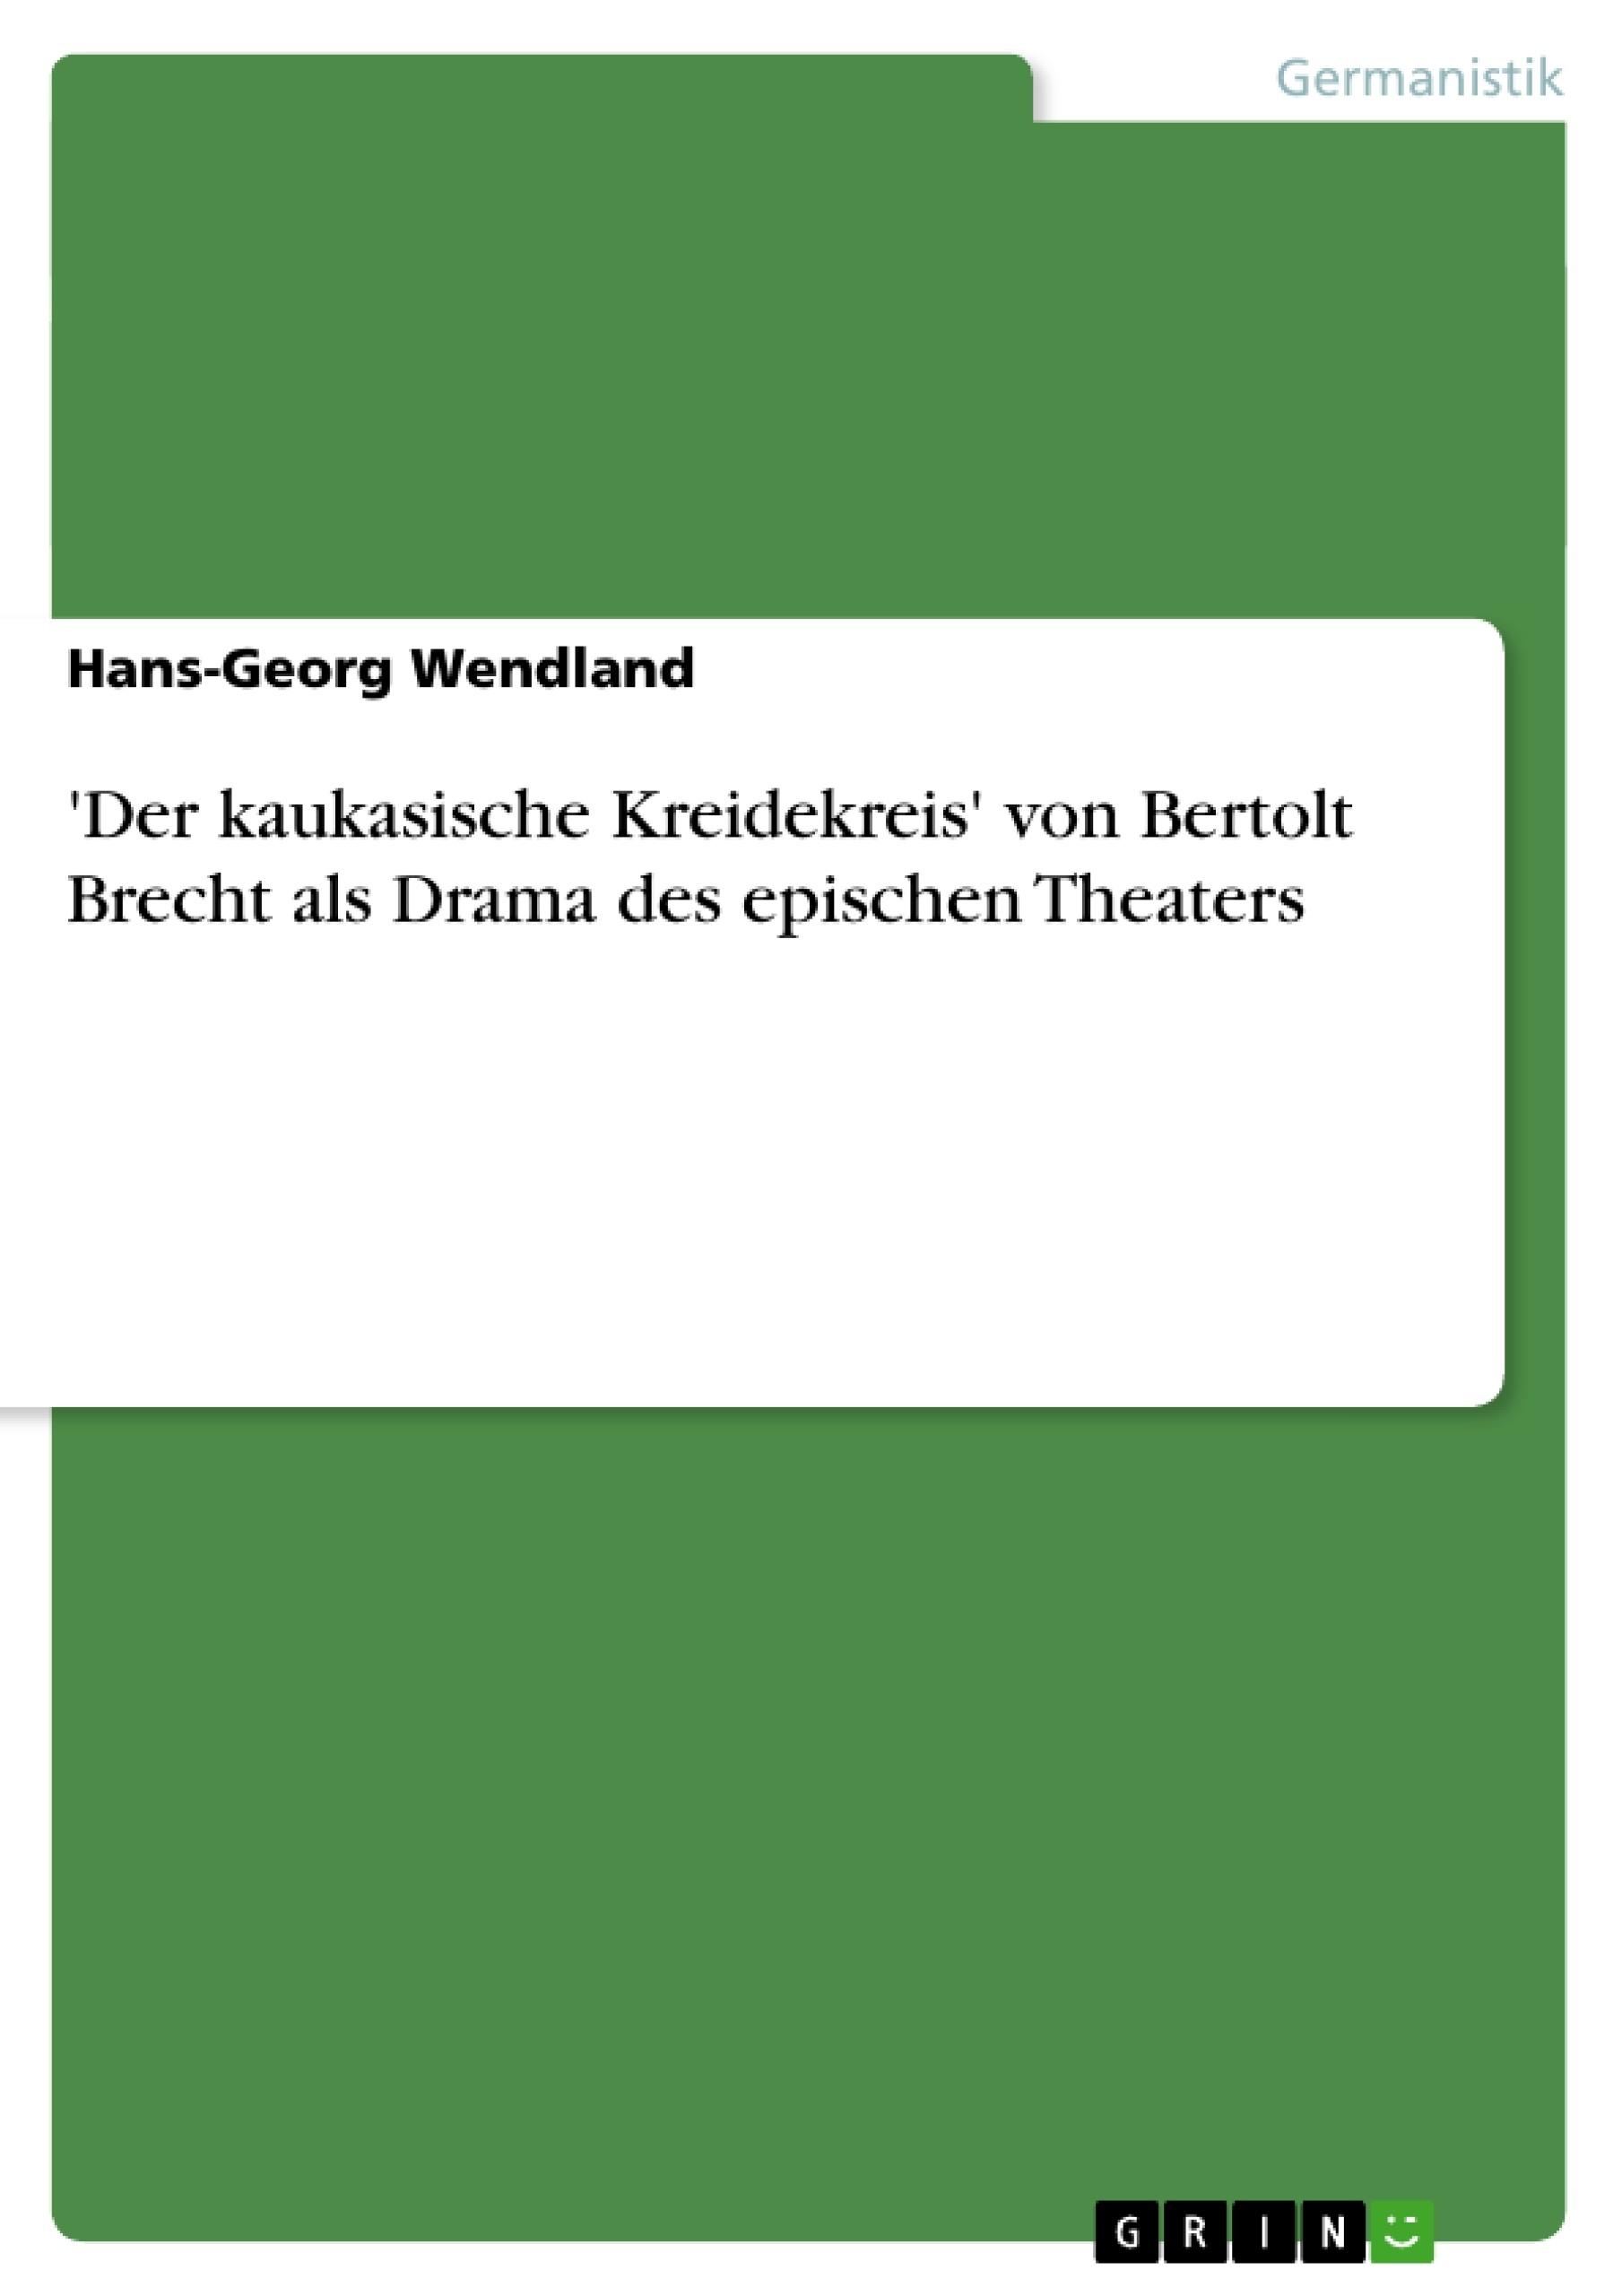 Titel: 'Der kaukasische Kreidekreis' von Bertolt Brecht als Drama des epischen Theaters